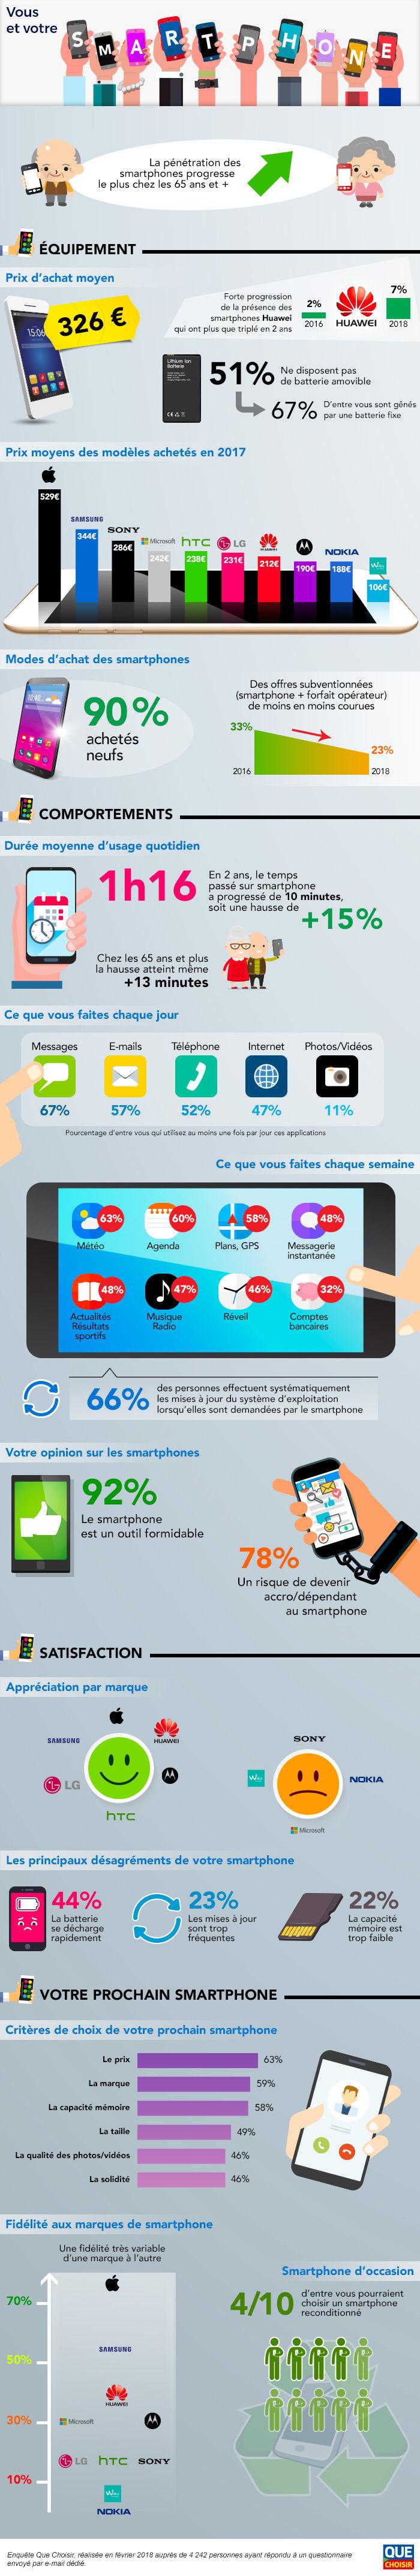 infographie-vous-et-votre-smartphone-v3